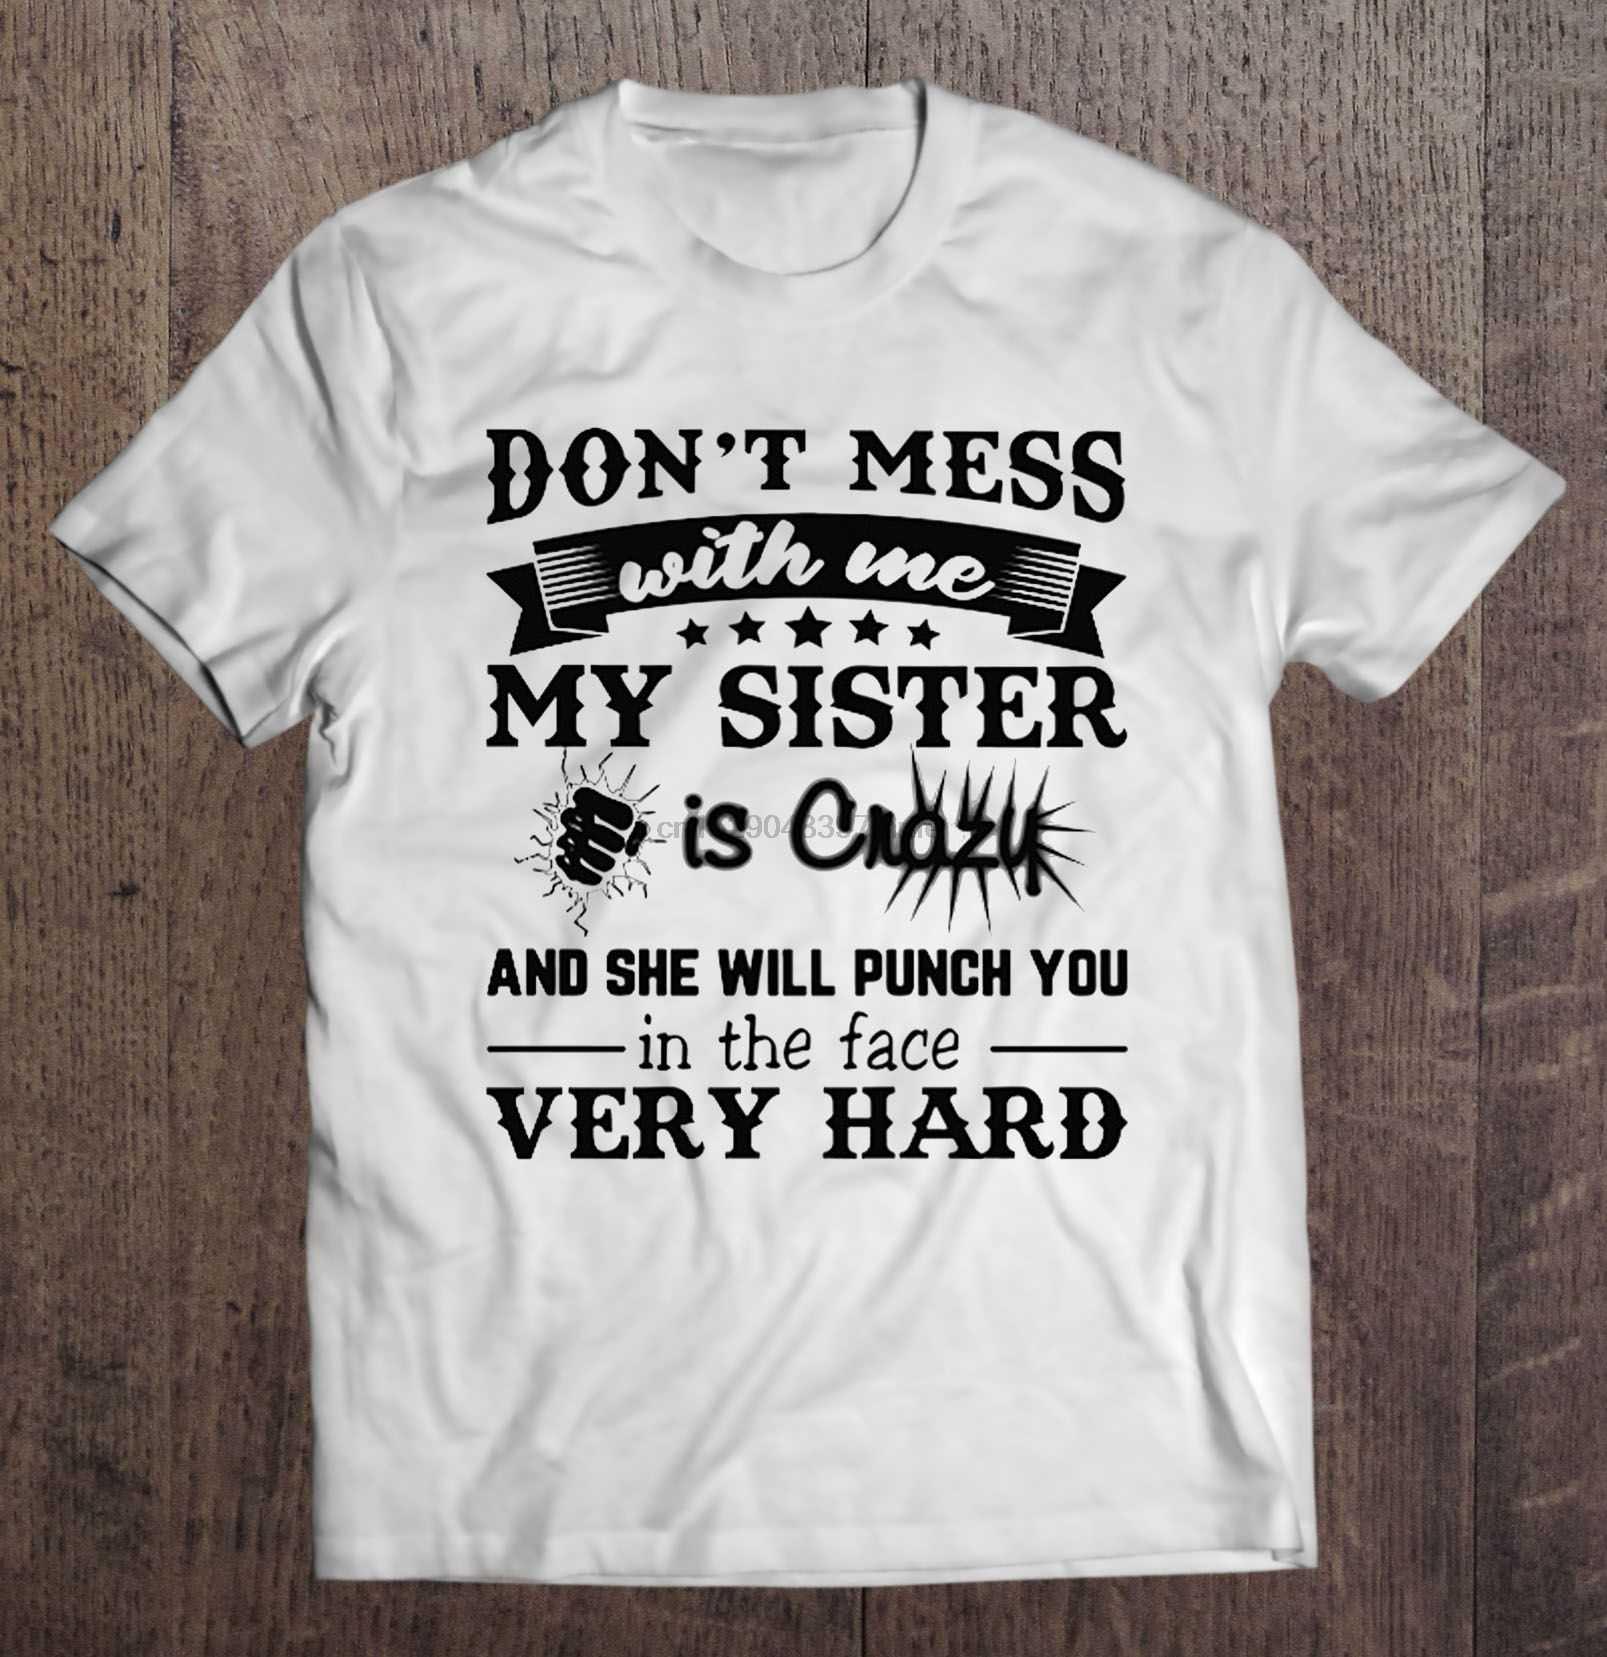 Camiseta para hombre, no te metas conmigo, mi hermana está loca y te golpeará en la cara camiseta de mujer muy dura